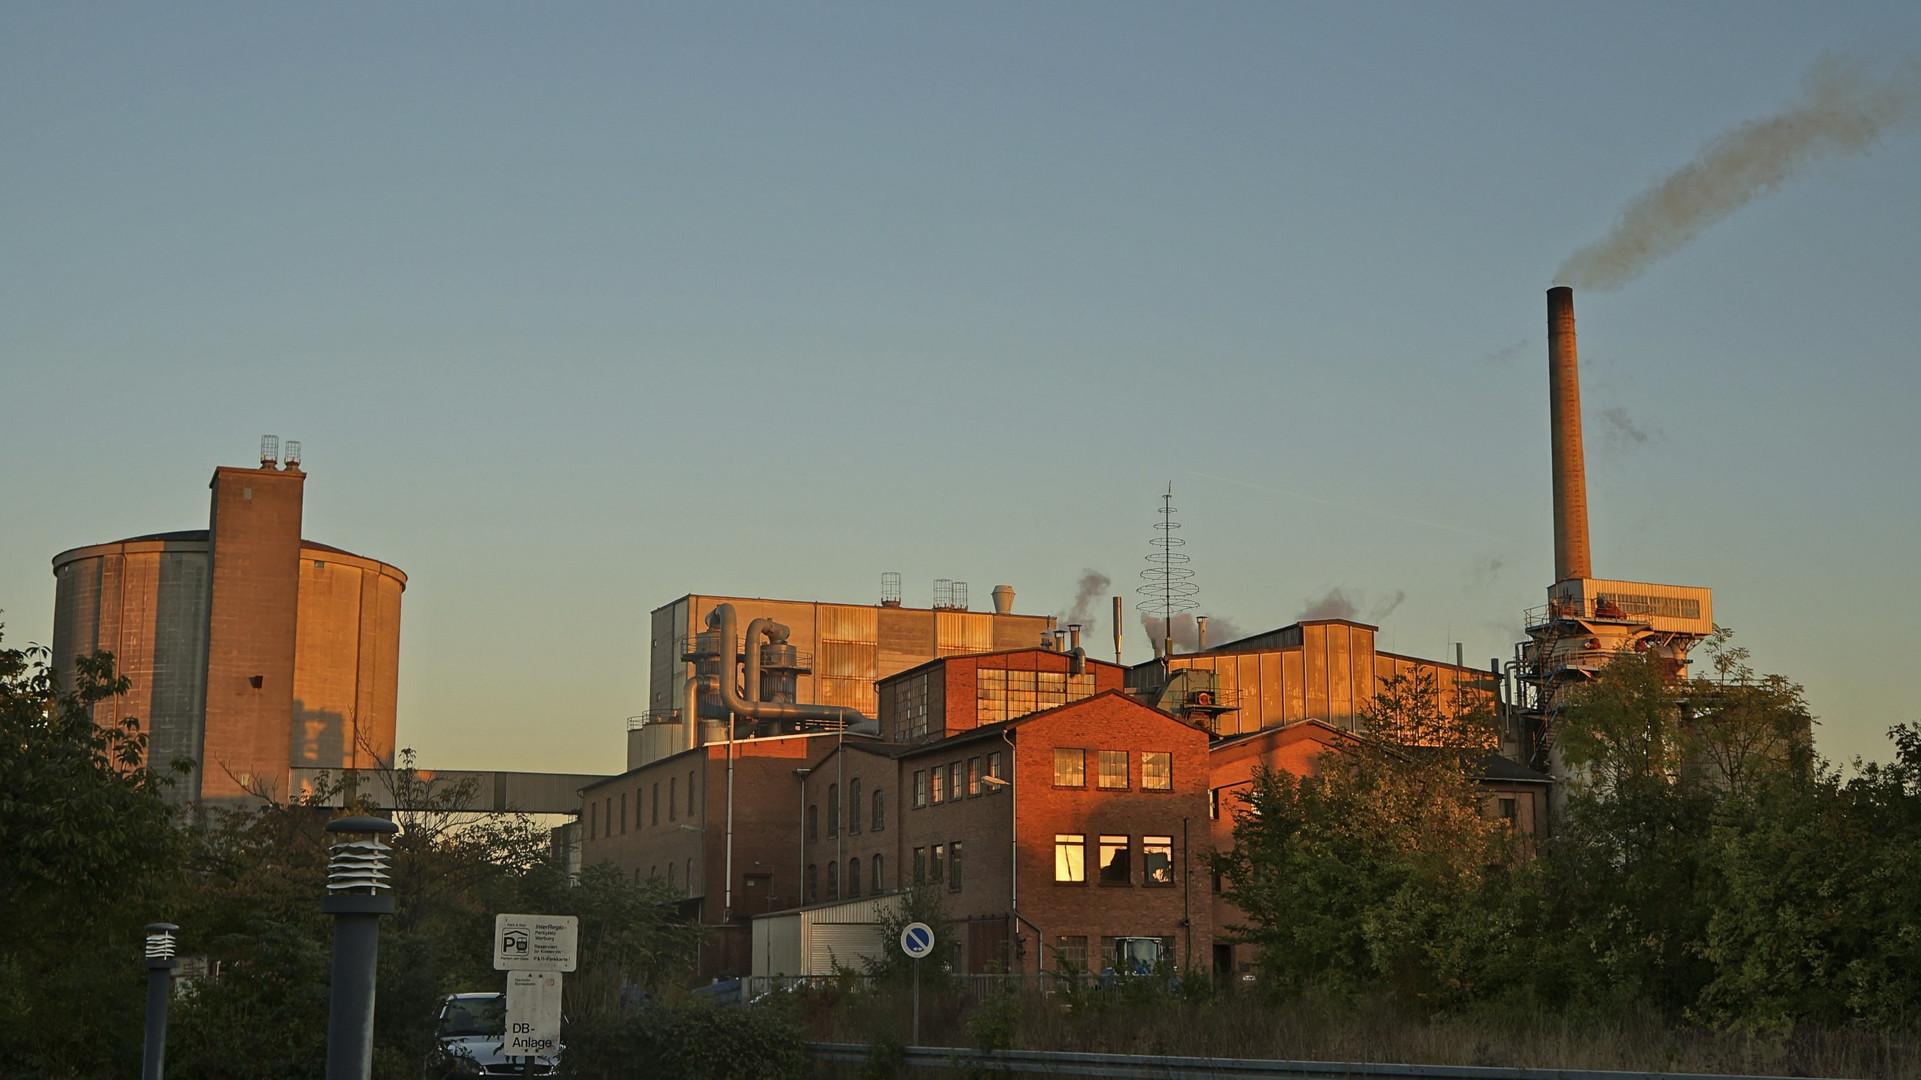 Zuckerfabrik in Warburg